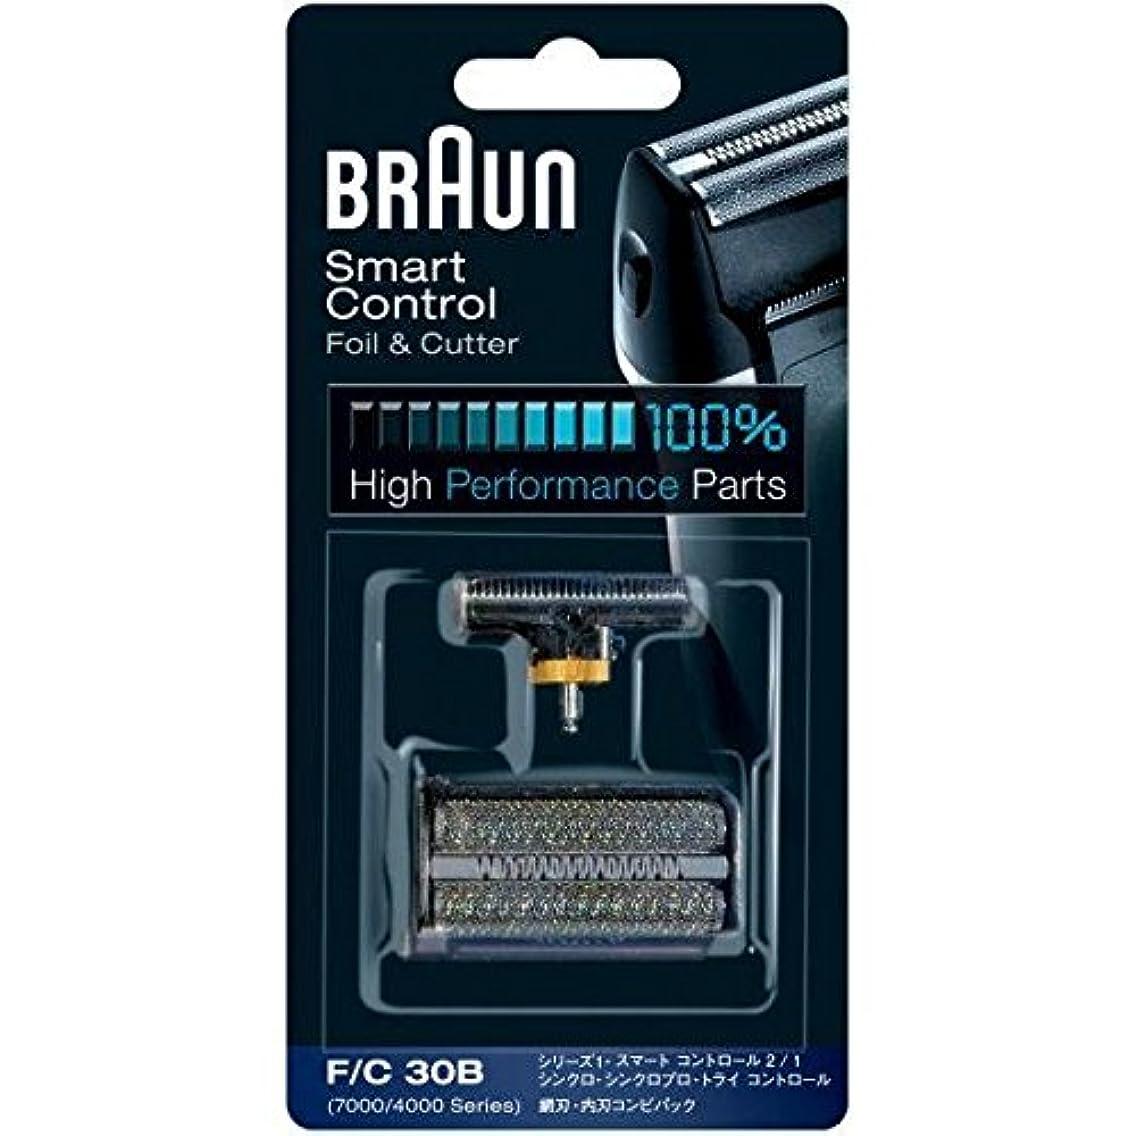 意気込みけん引感性BRAUN(ブラウン) シェーバー 替刃(網刃+内刃セット) F/C30B